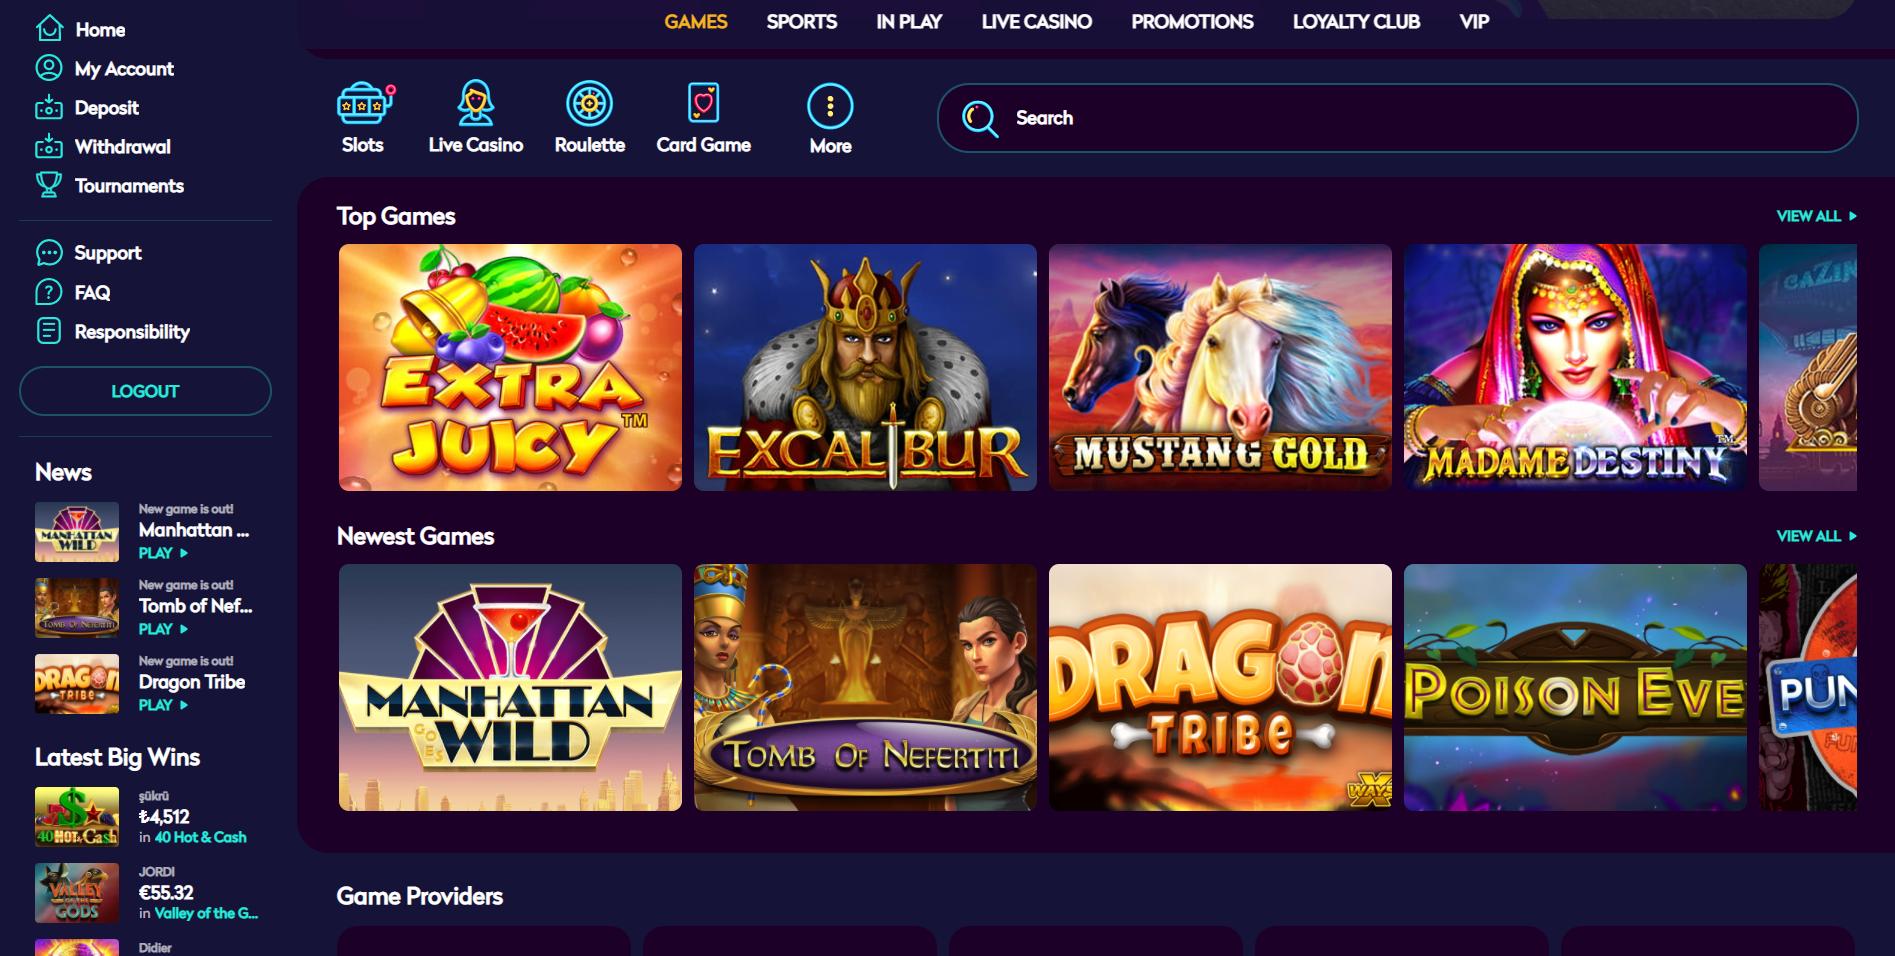 casino360 kazino žaidimai lošimo automatai extra juicy mustang gold madame destiny dragon tribe